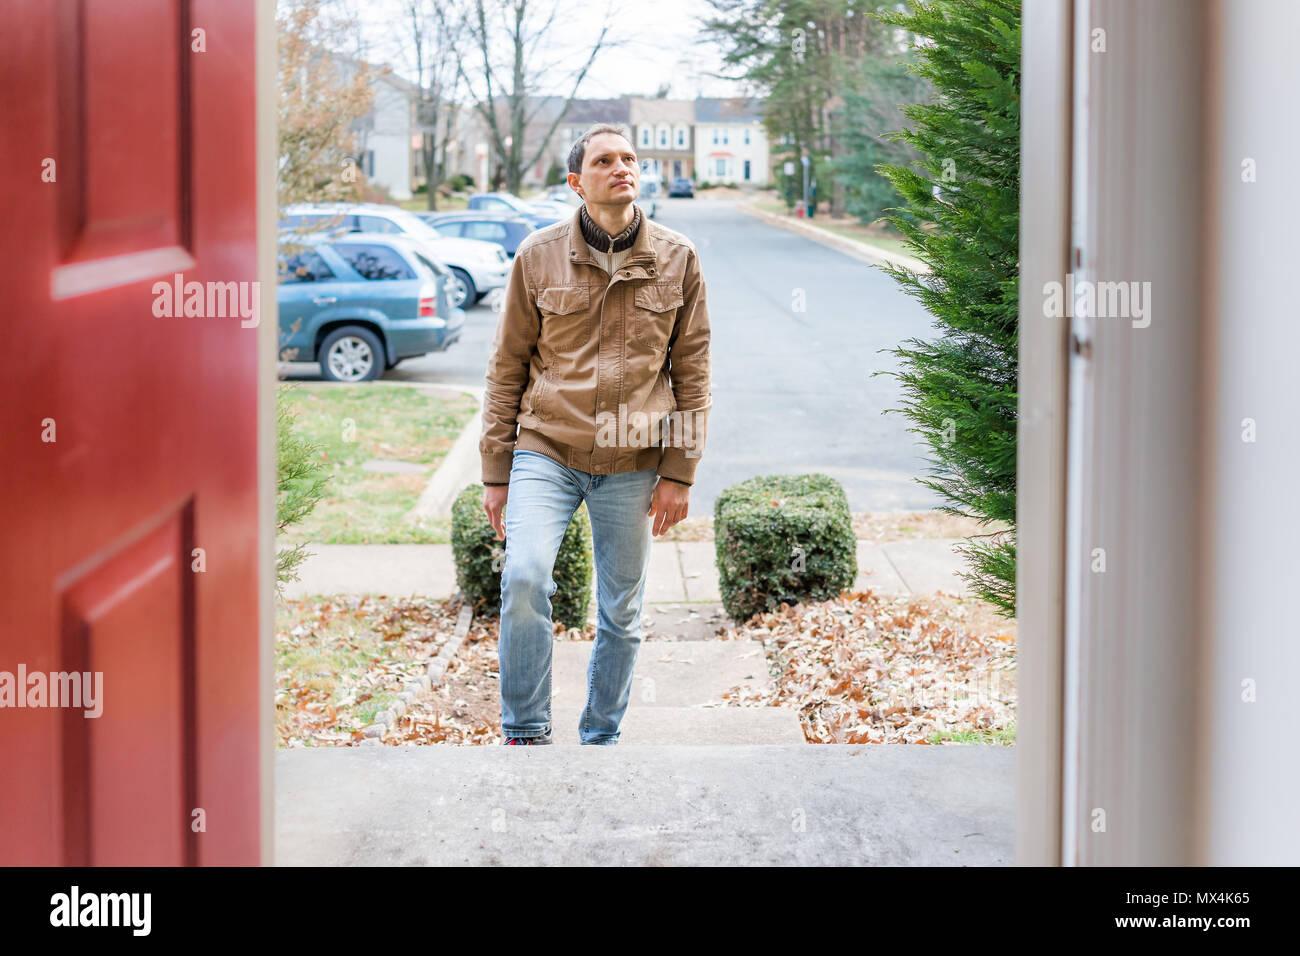 Jeune homme debout sur le porche étapes frontyard in front of house accueil acheteur à la recherche d'acheter un bien immobilier en client client résident townhouse Banque D'Images